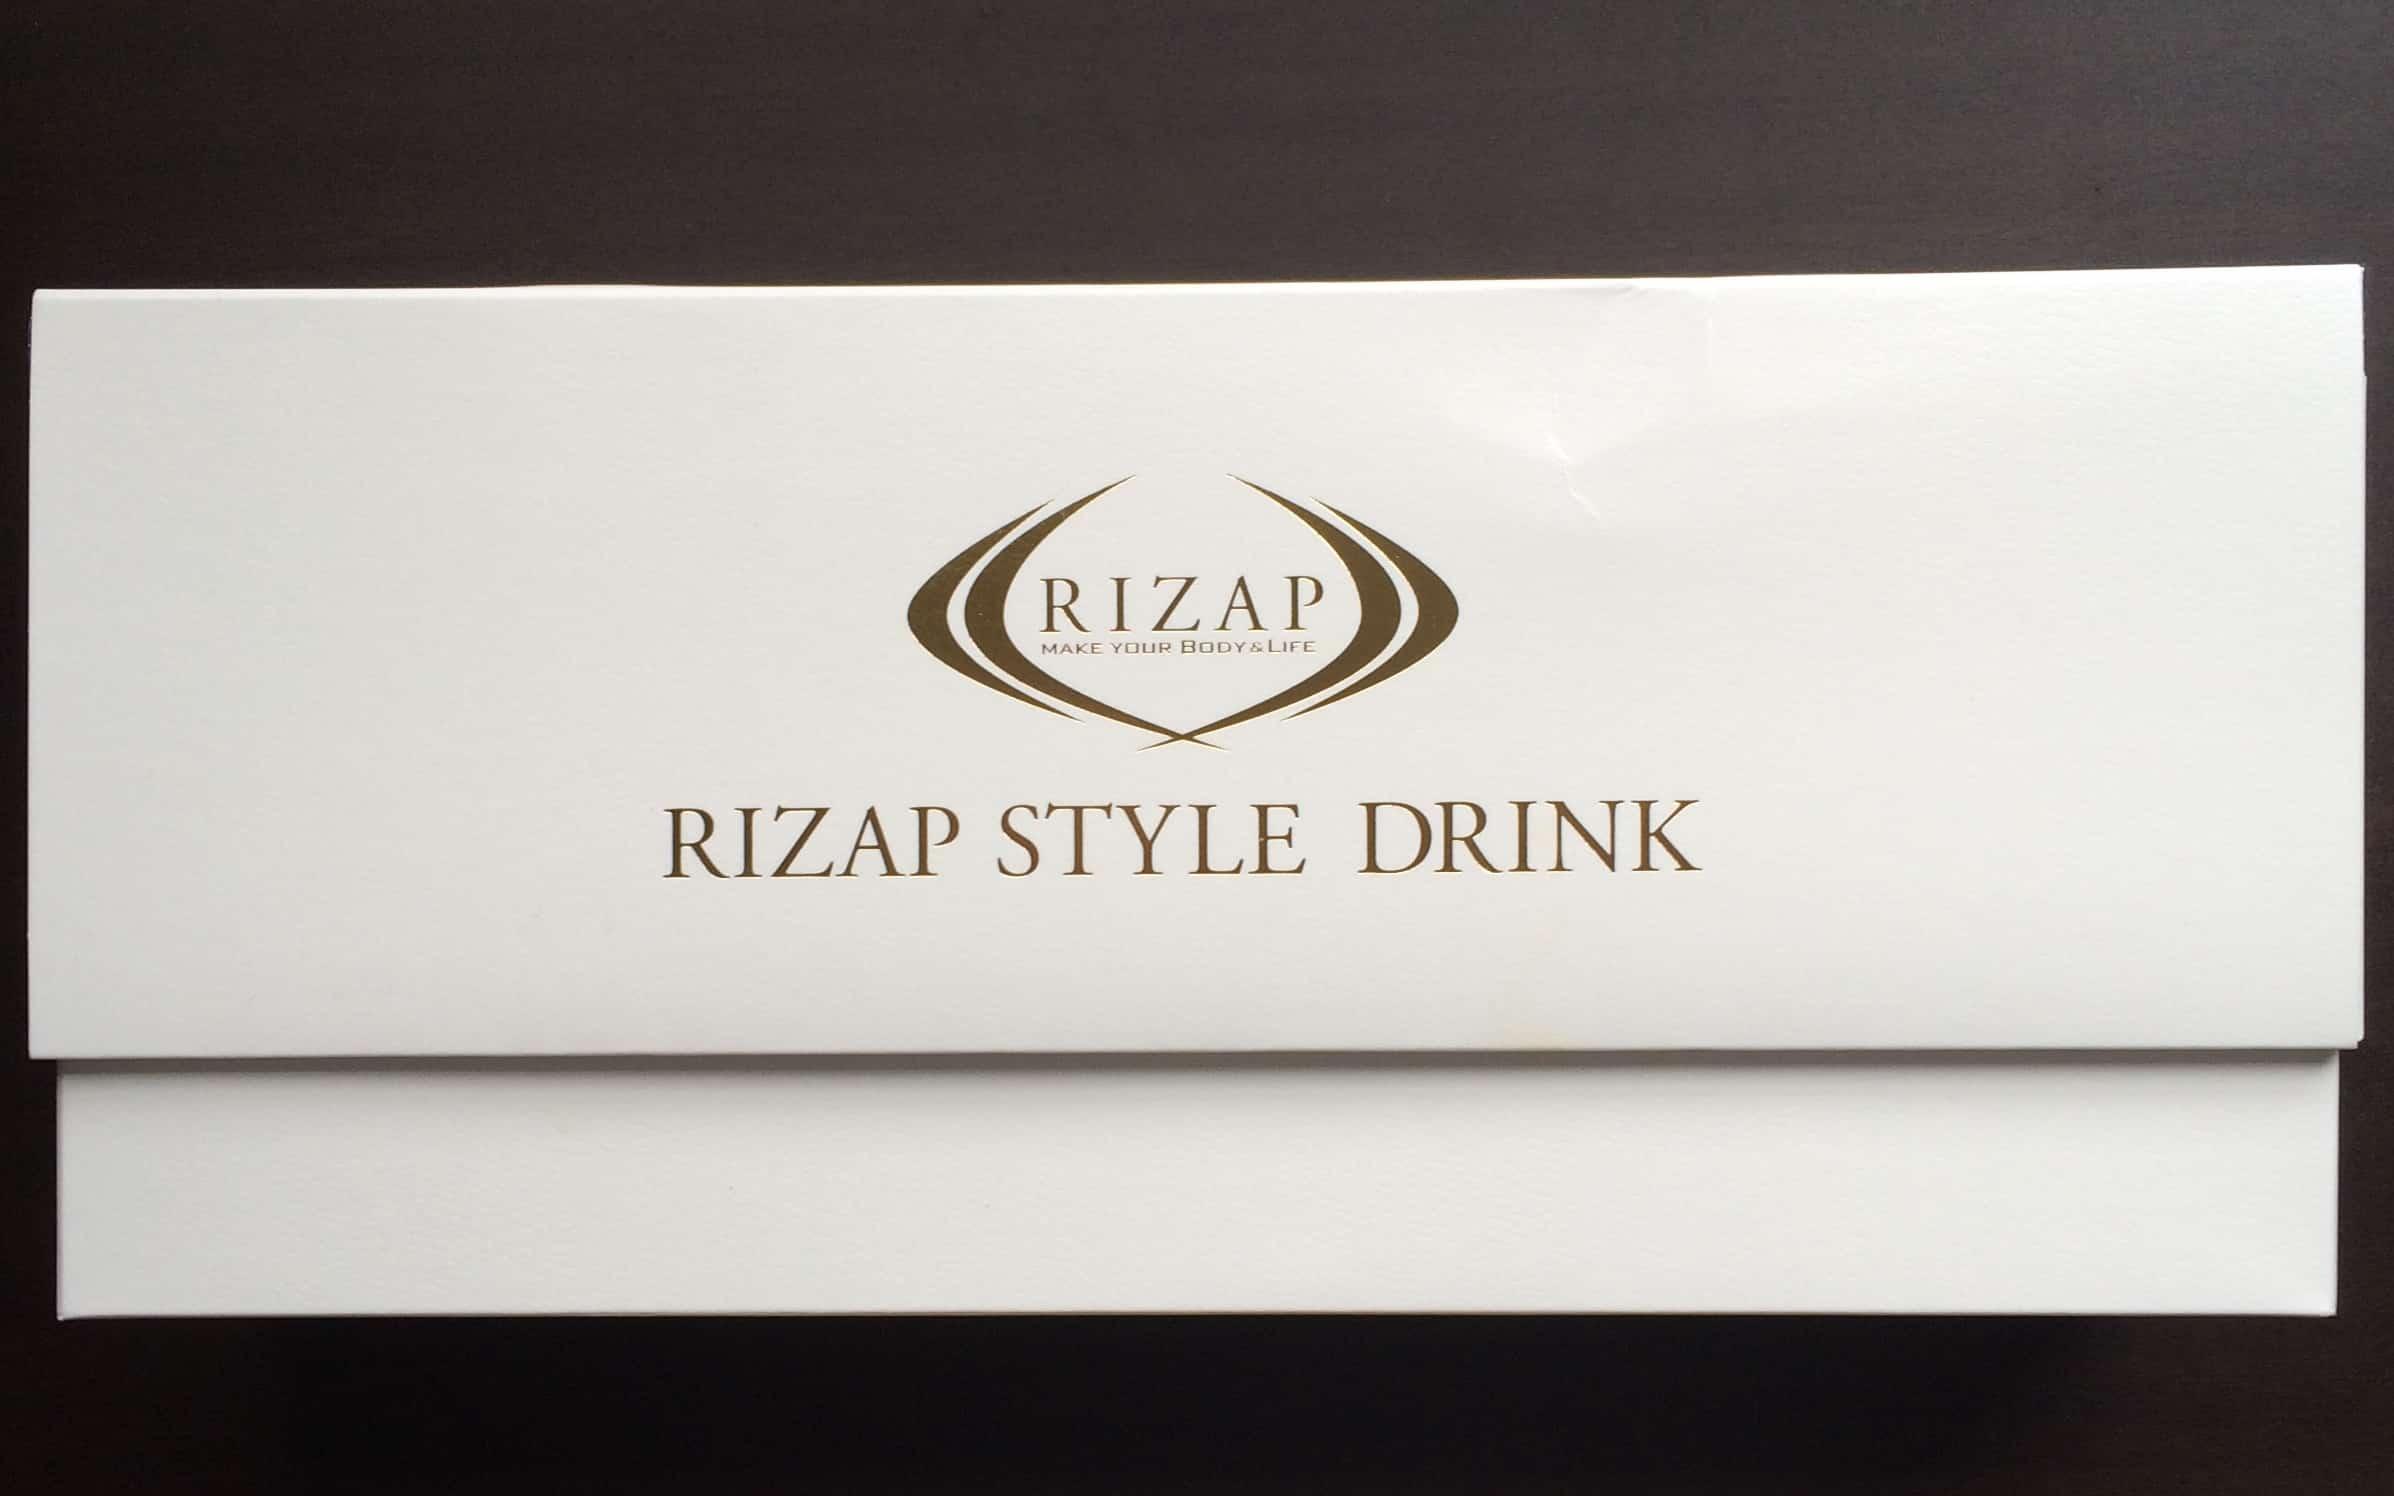 RIZAPグループ(2928)の株主優待は?配当金や優待利回り、到着時期など解説